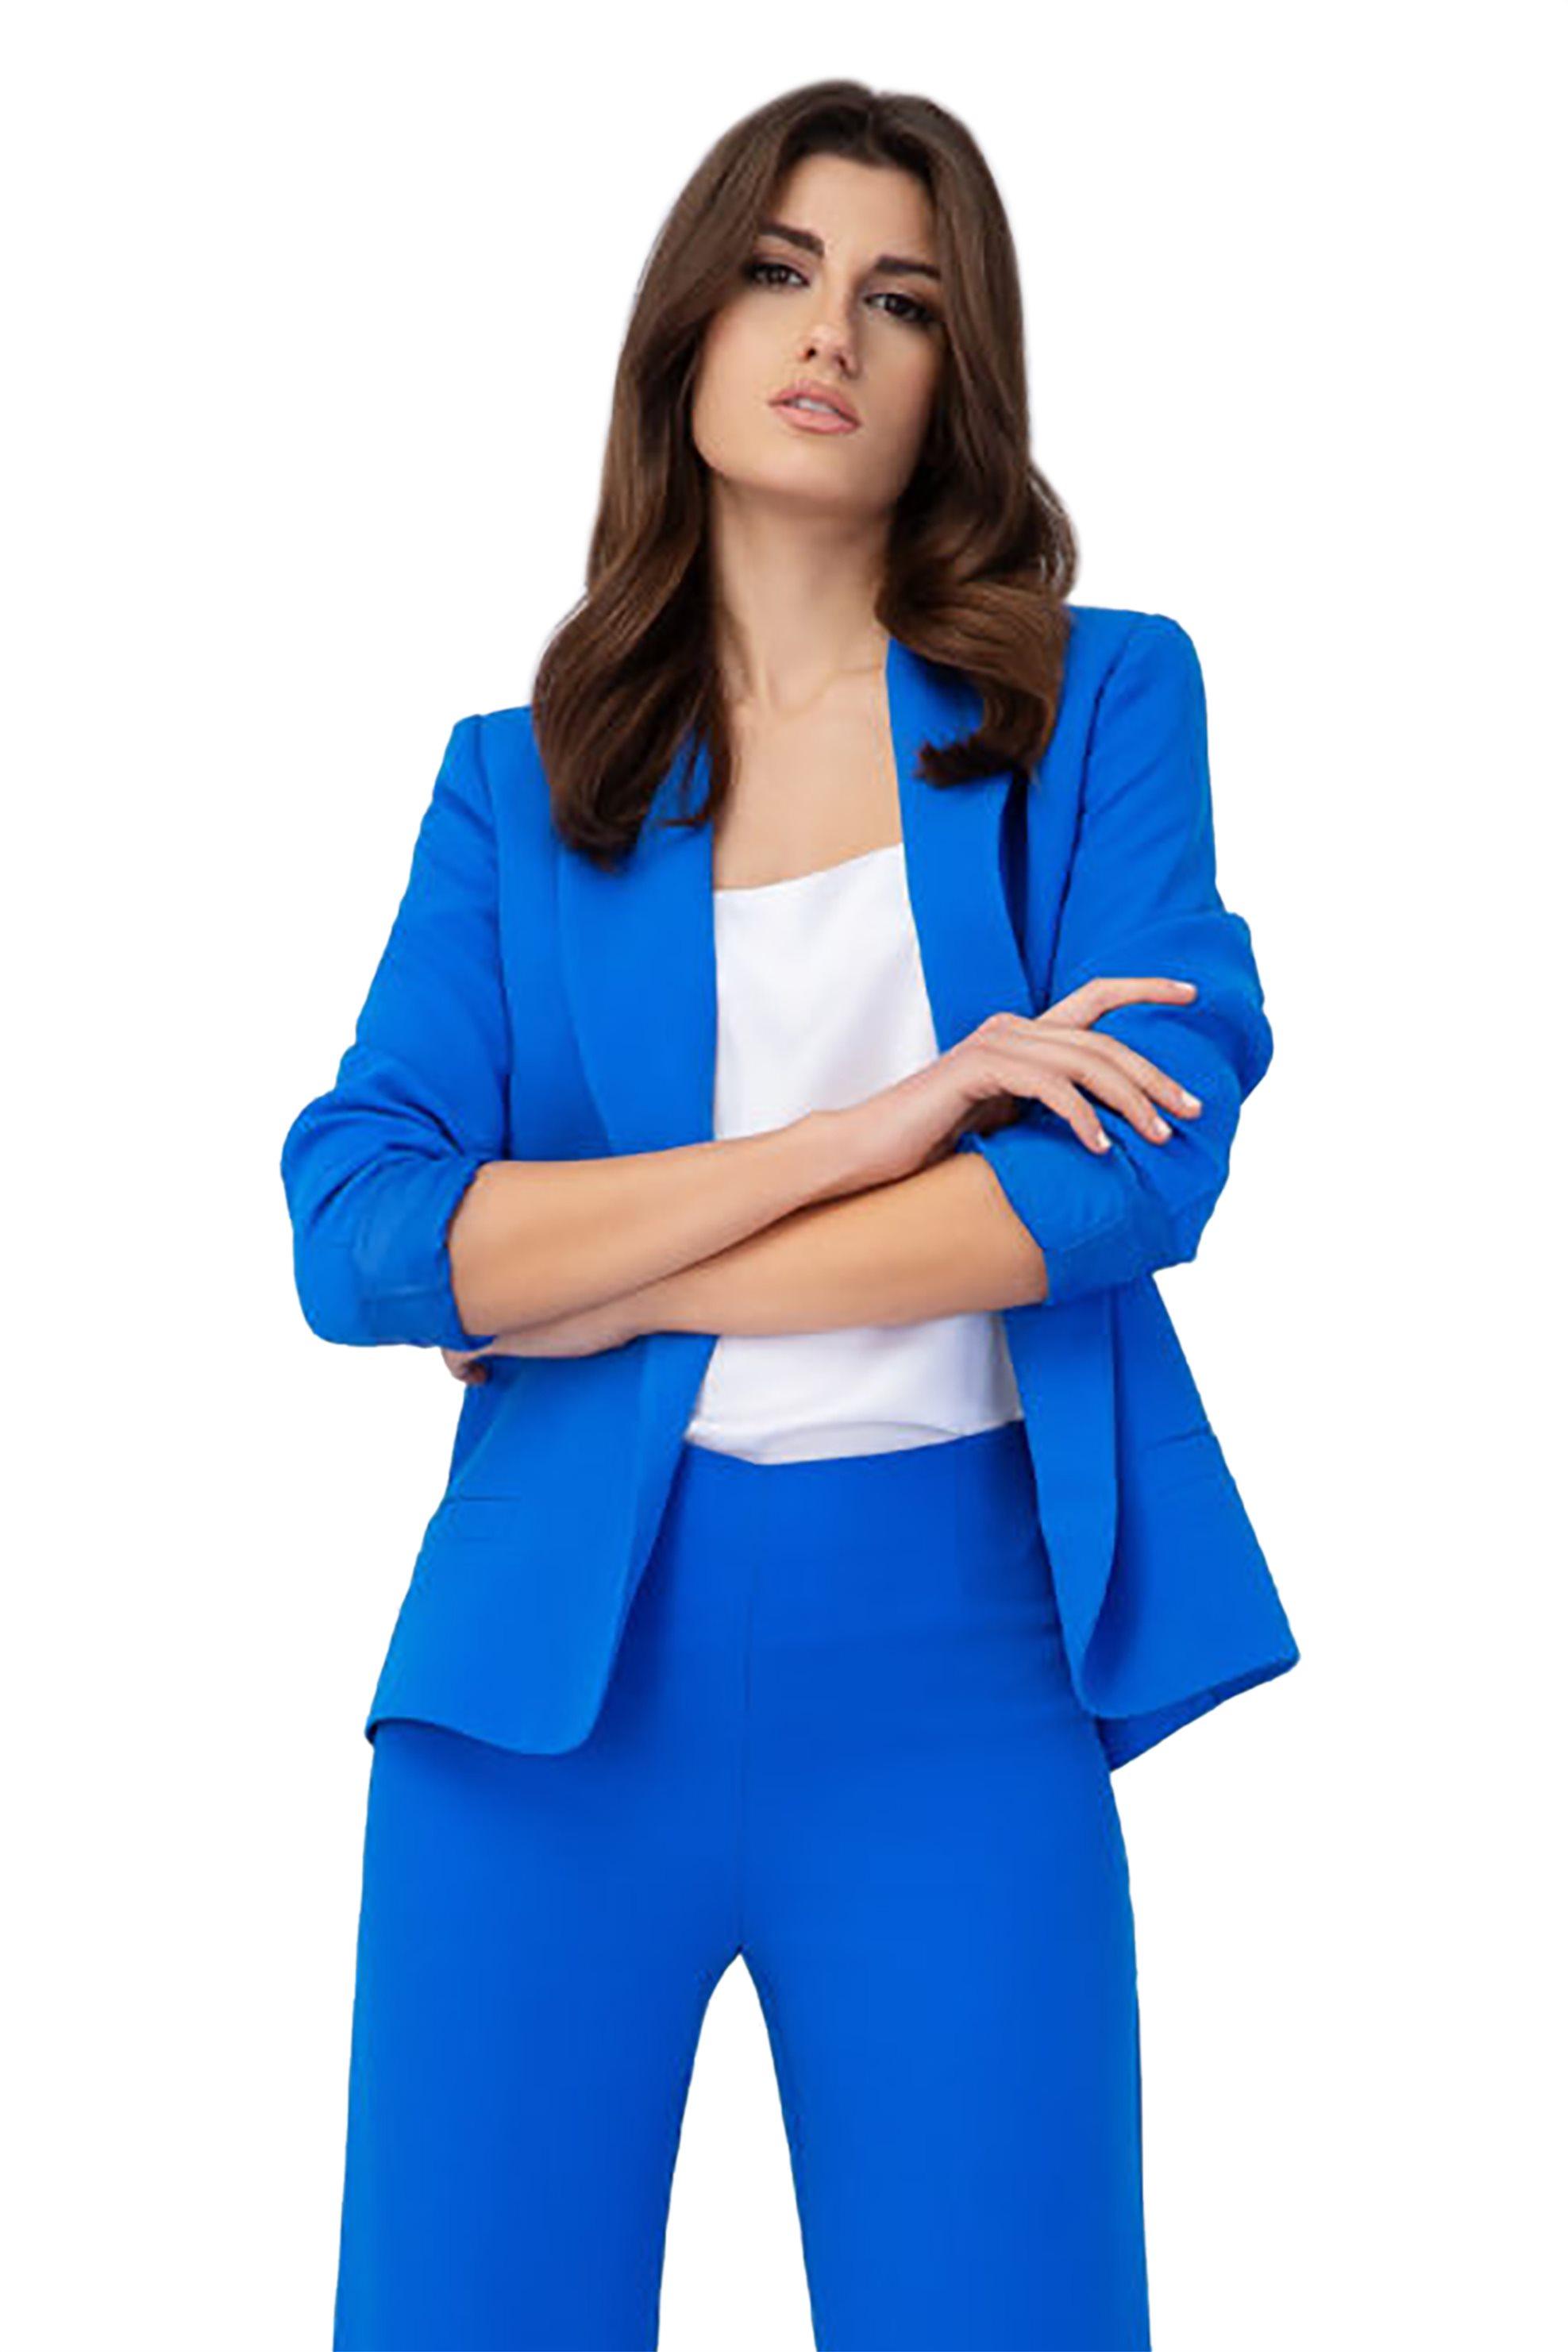 16bf57d30c9b Notos Billy Sabbado γυναικείο ανοιχτό σακάκι - 0205749277 - Μπλε Ηλεκτρίκ